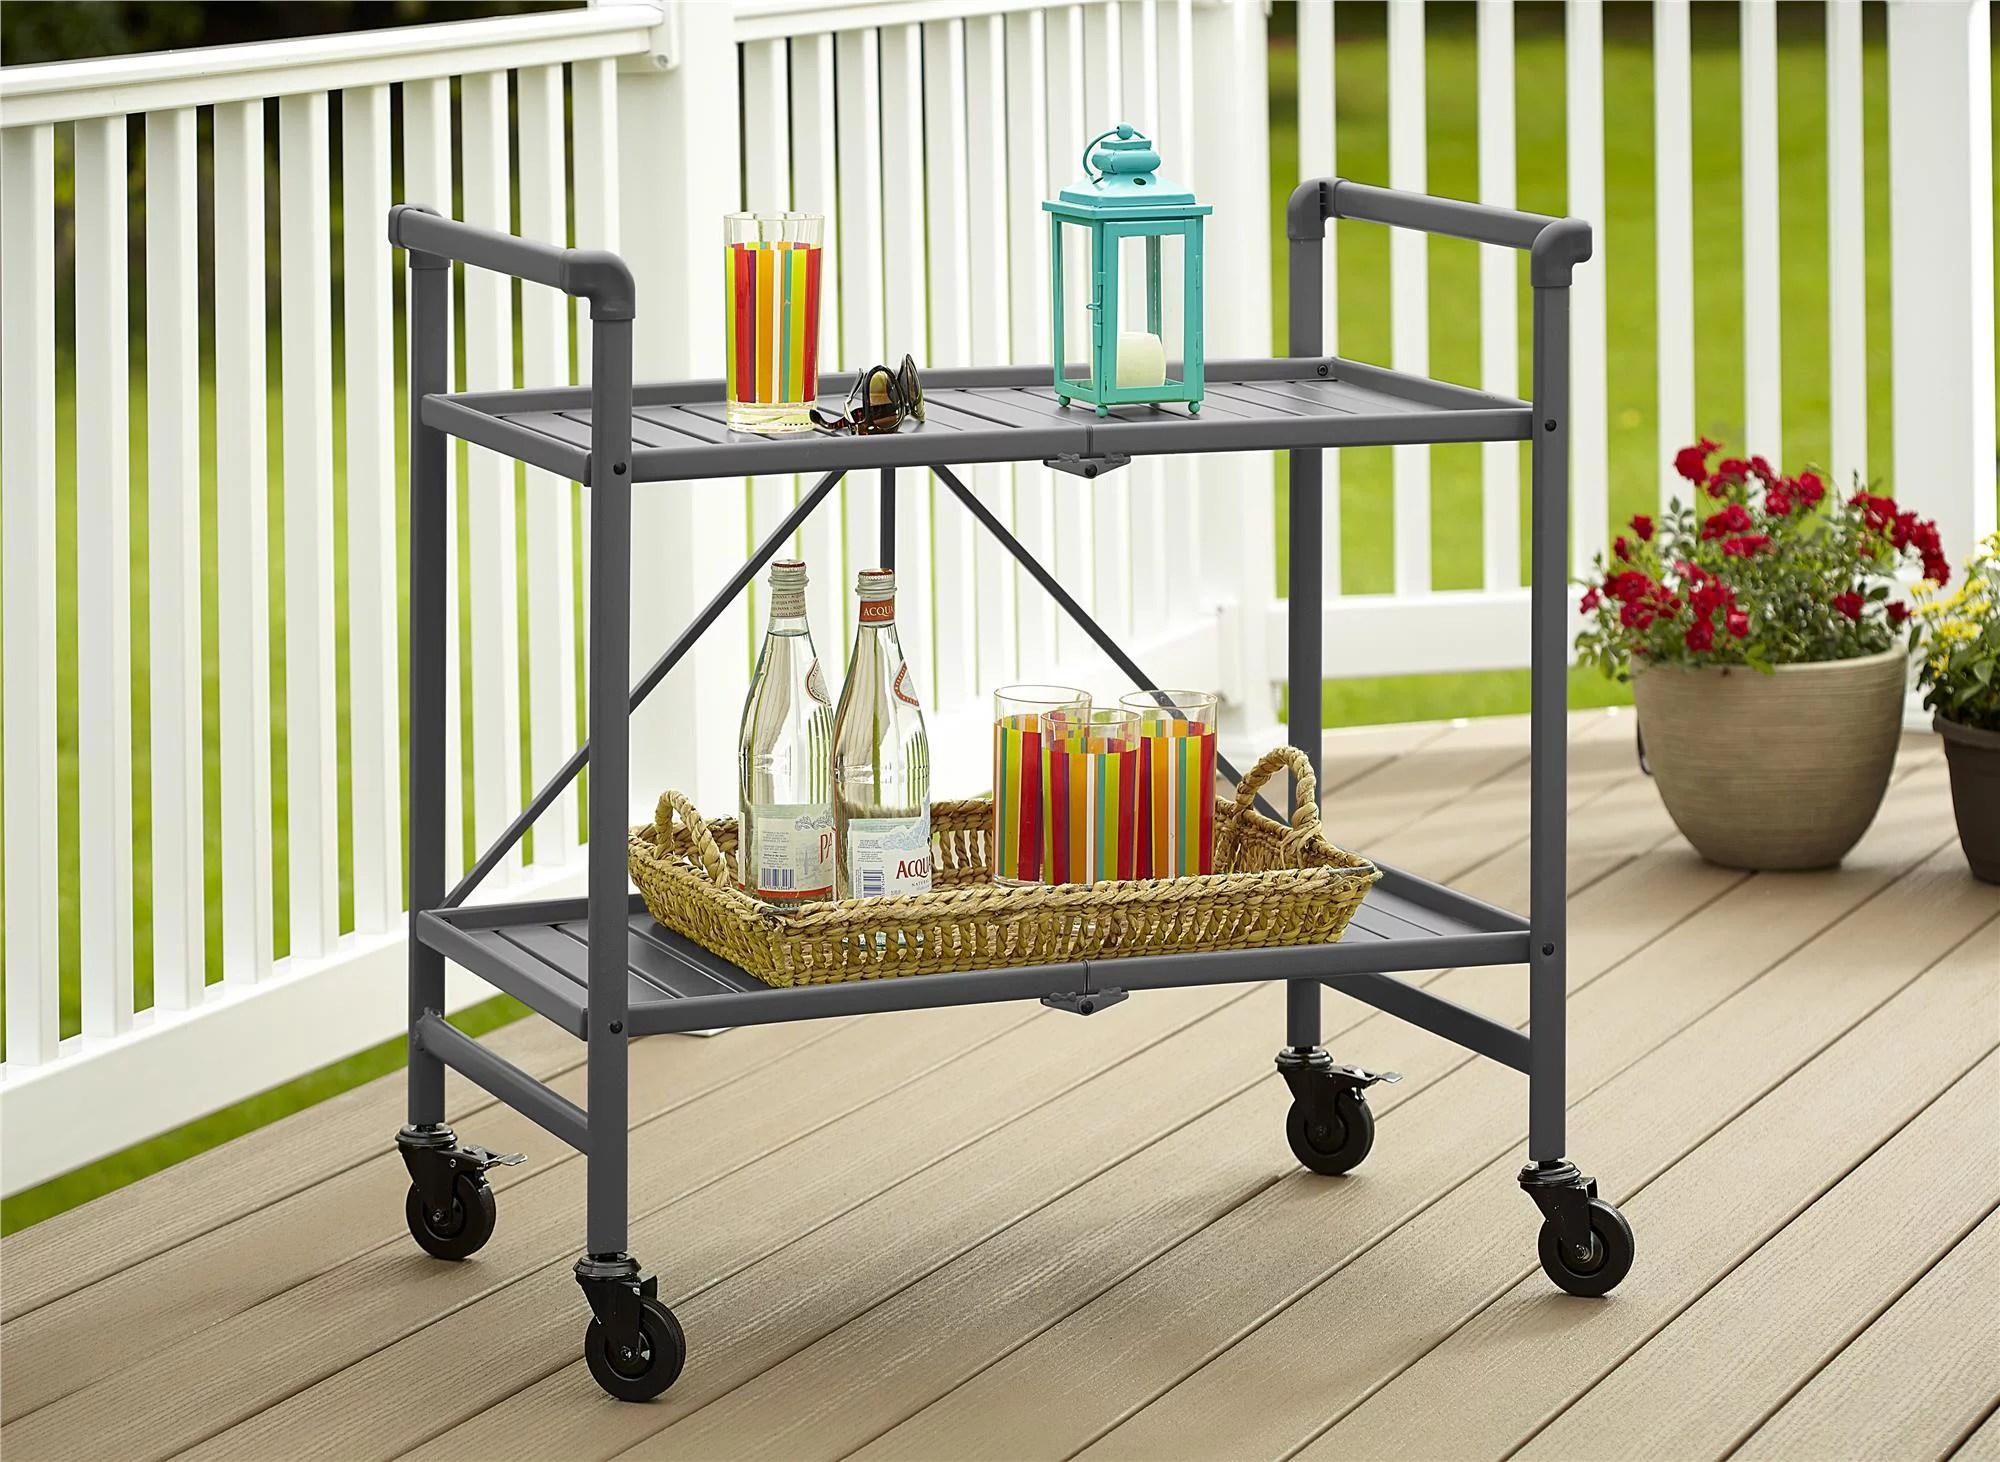 COSCO Outdoor Living SMARTFOLD Outdoor Or Indoor Folding ... on Walmart Outdoor Living  id=45765